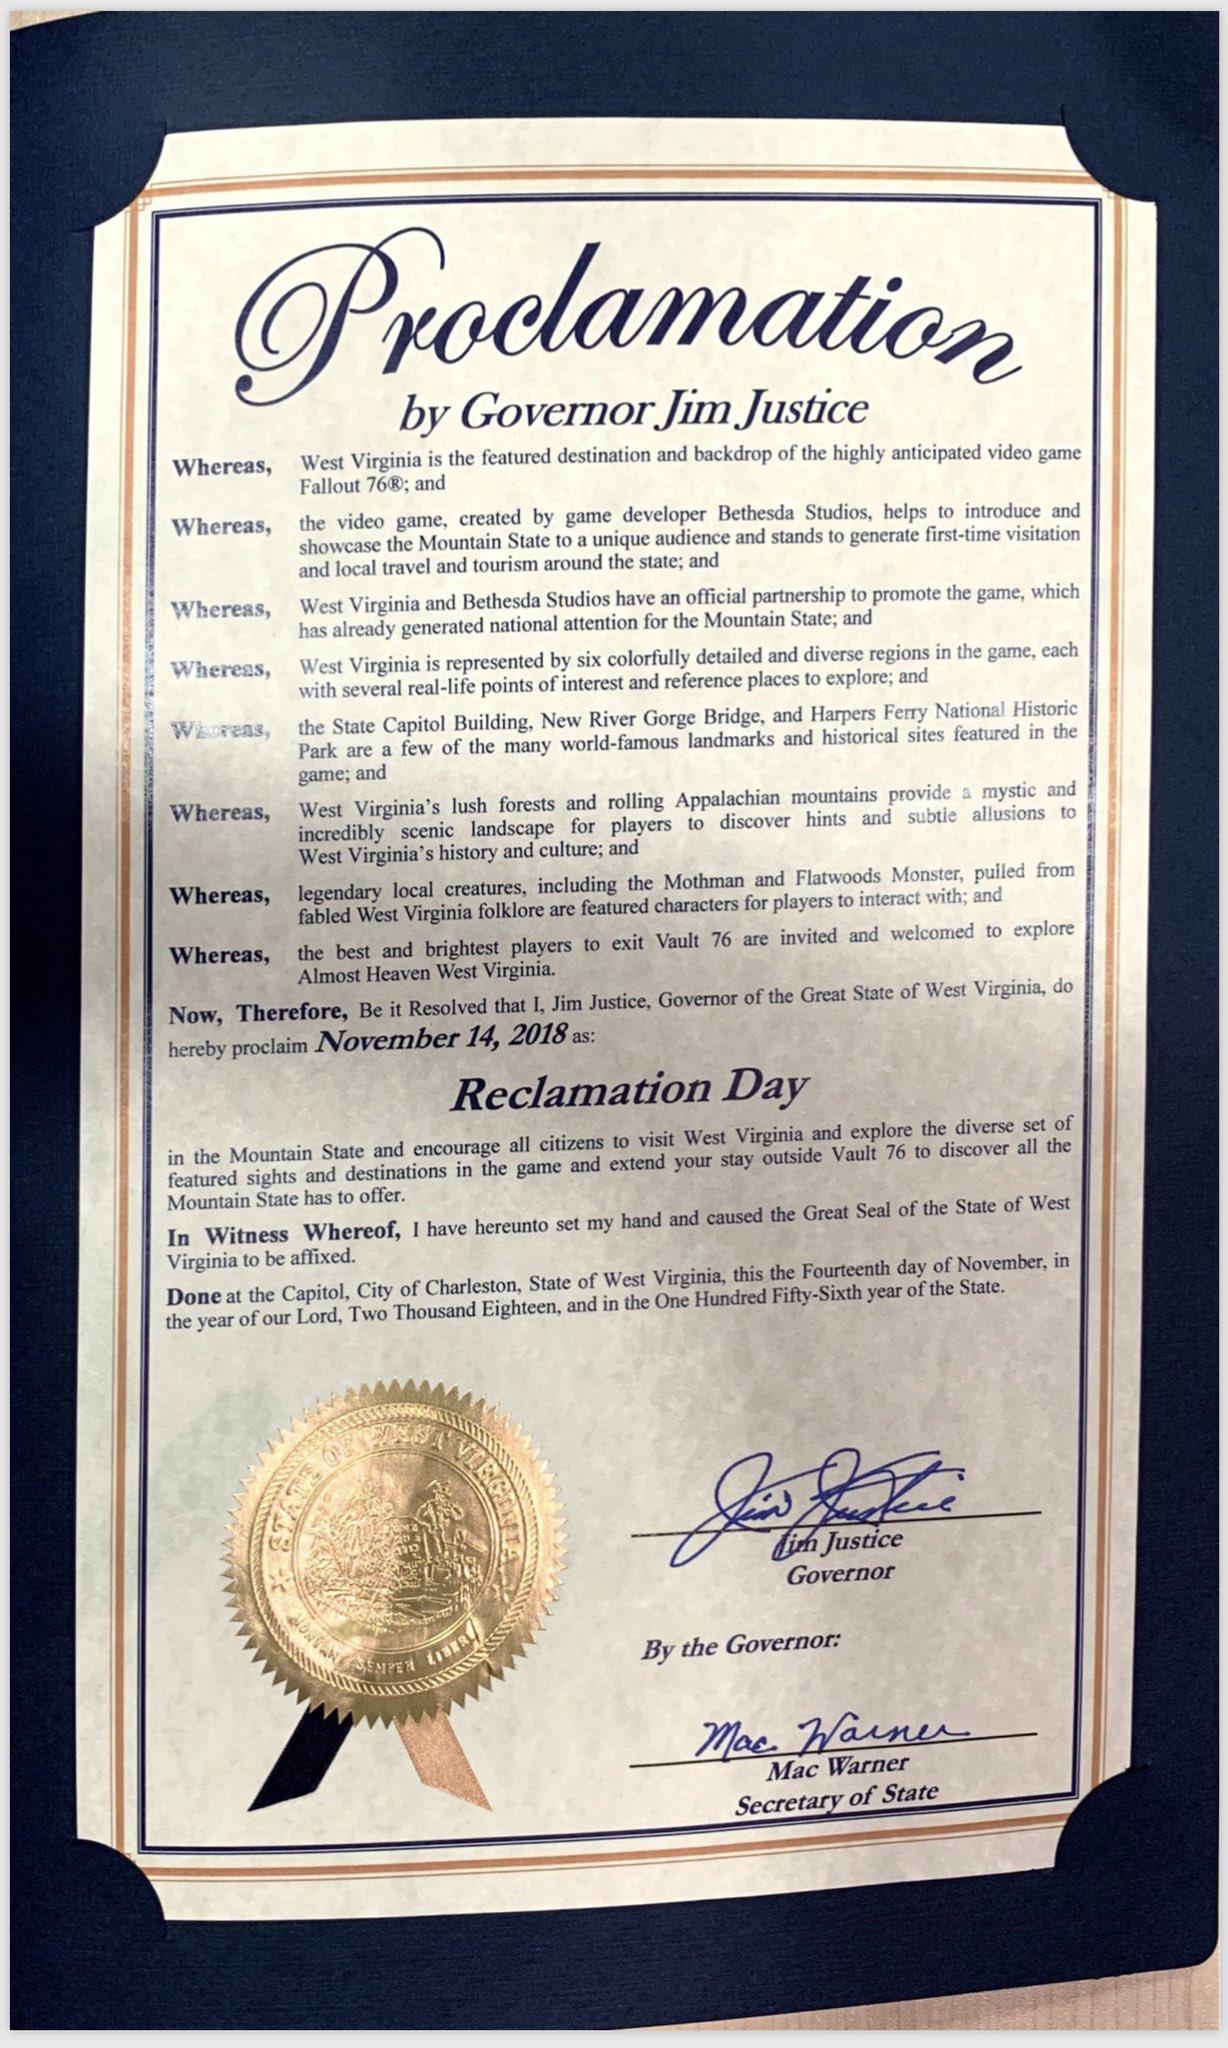 ЧАРЛСТОН, США - Праздник День возражения из игры Fallout-76 стал реальным.